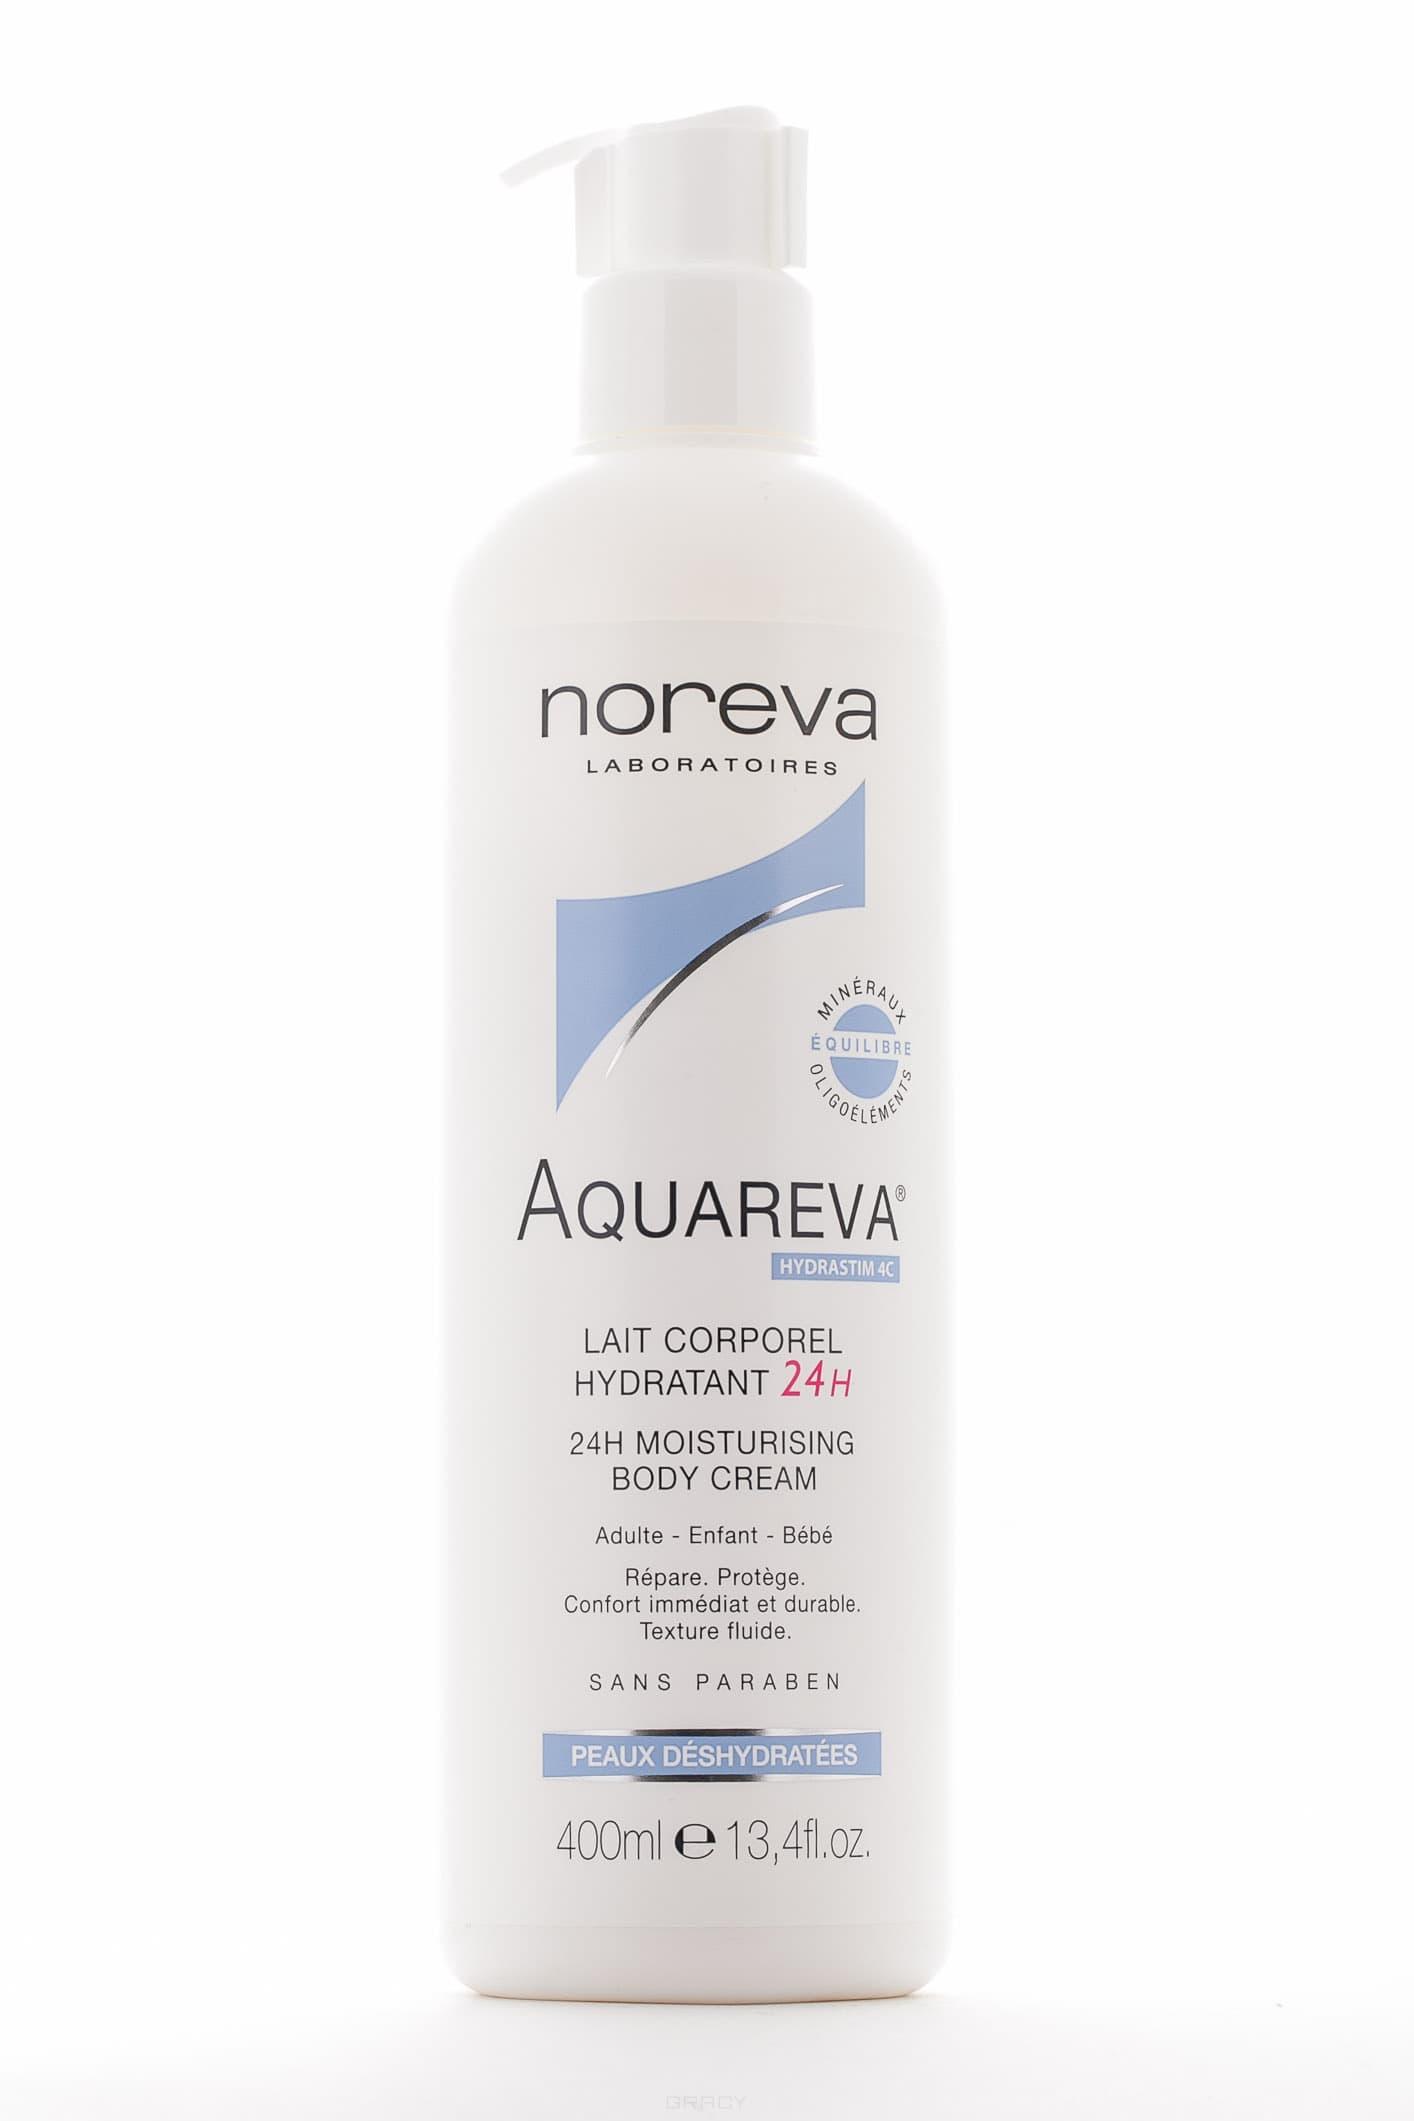 Noreva Увлажняющие молочко для тела Aquareva, помпа, 400 мл